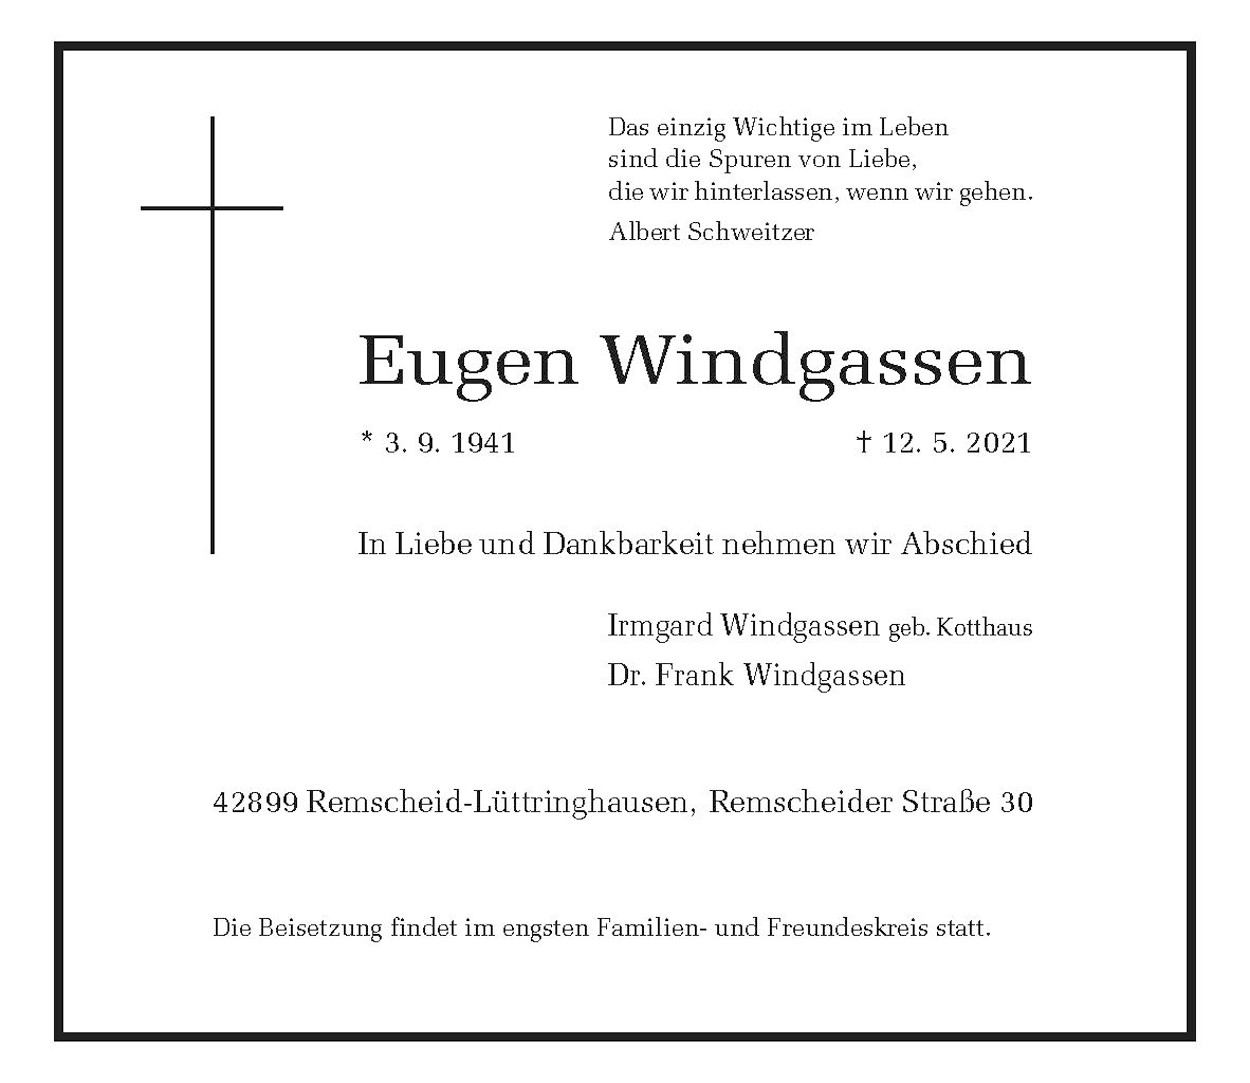 Eugen Windgassen